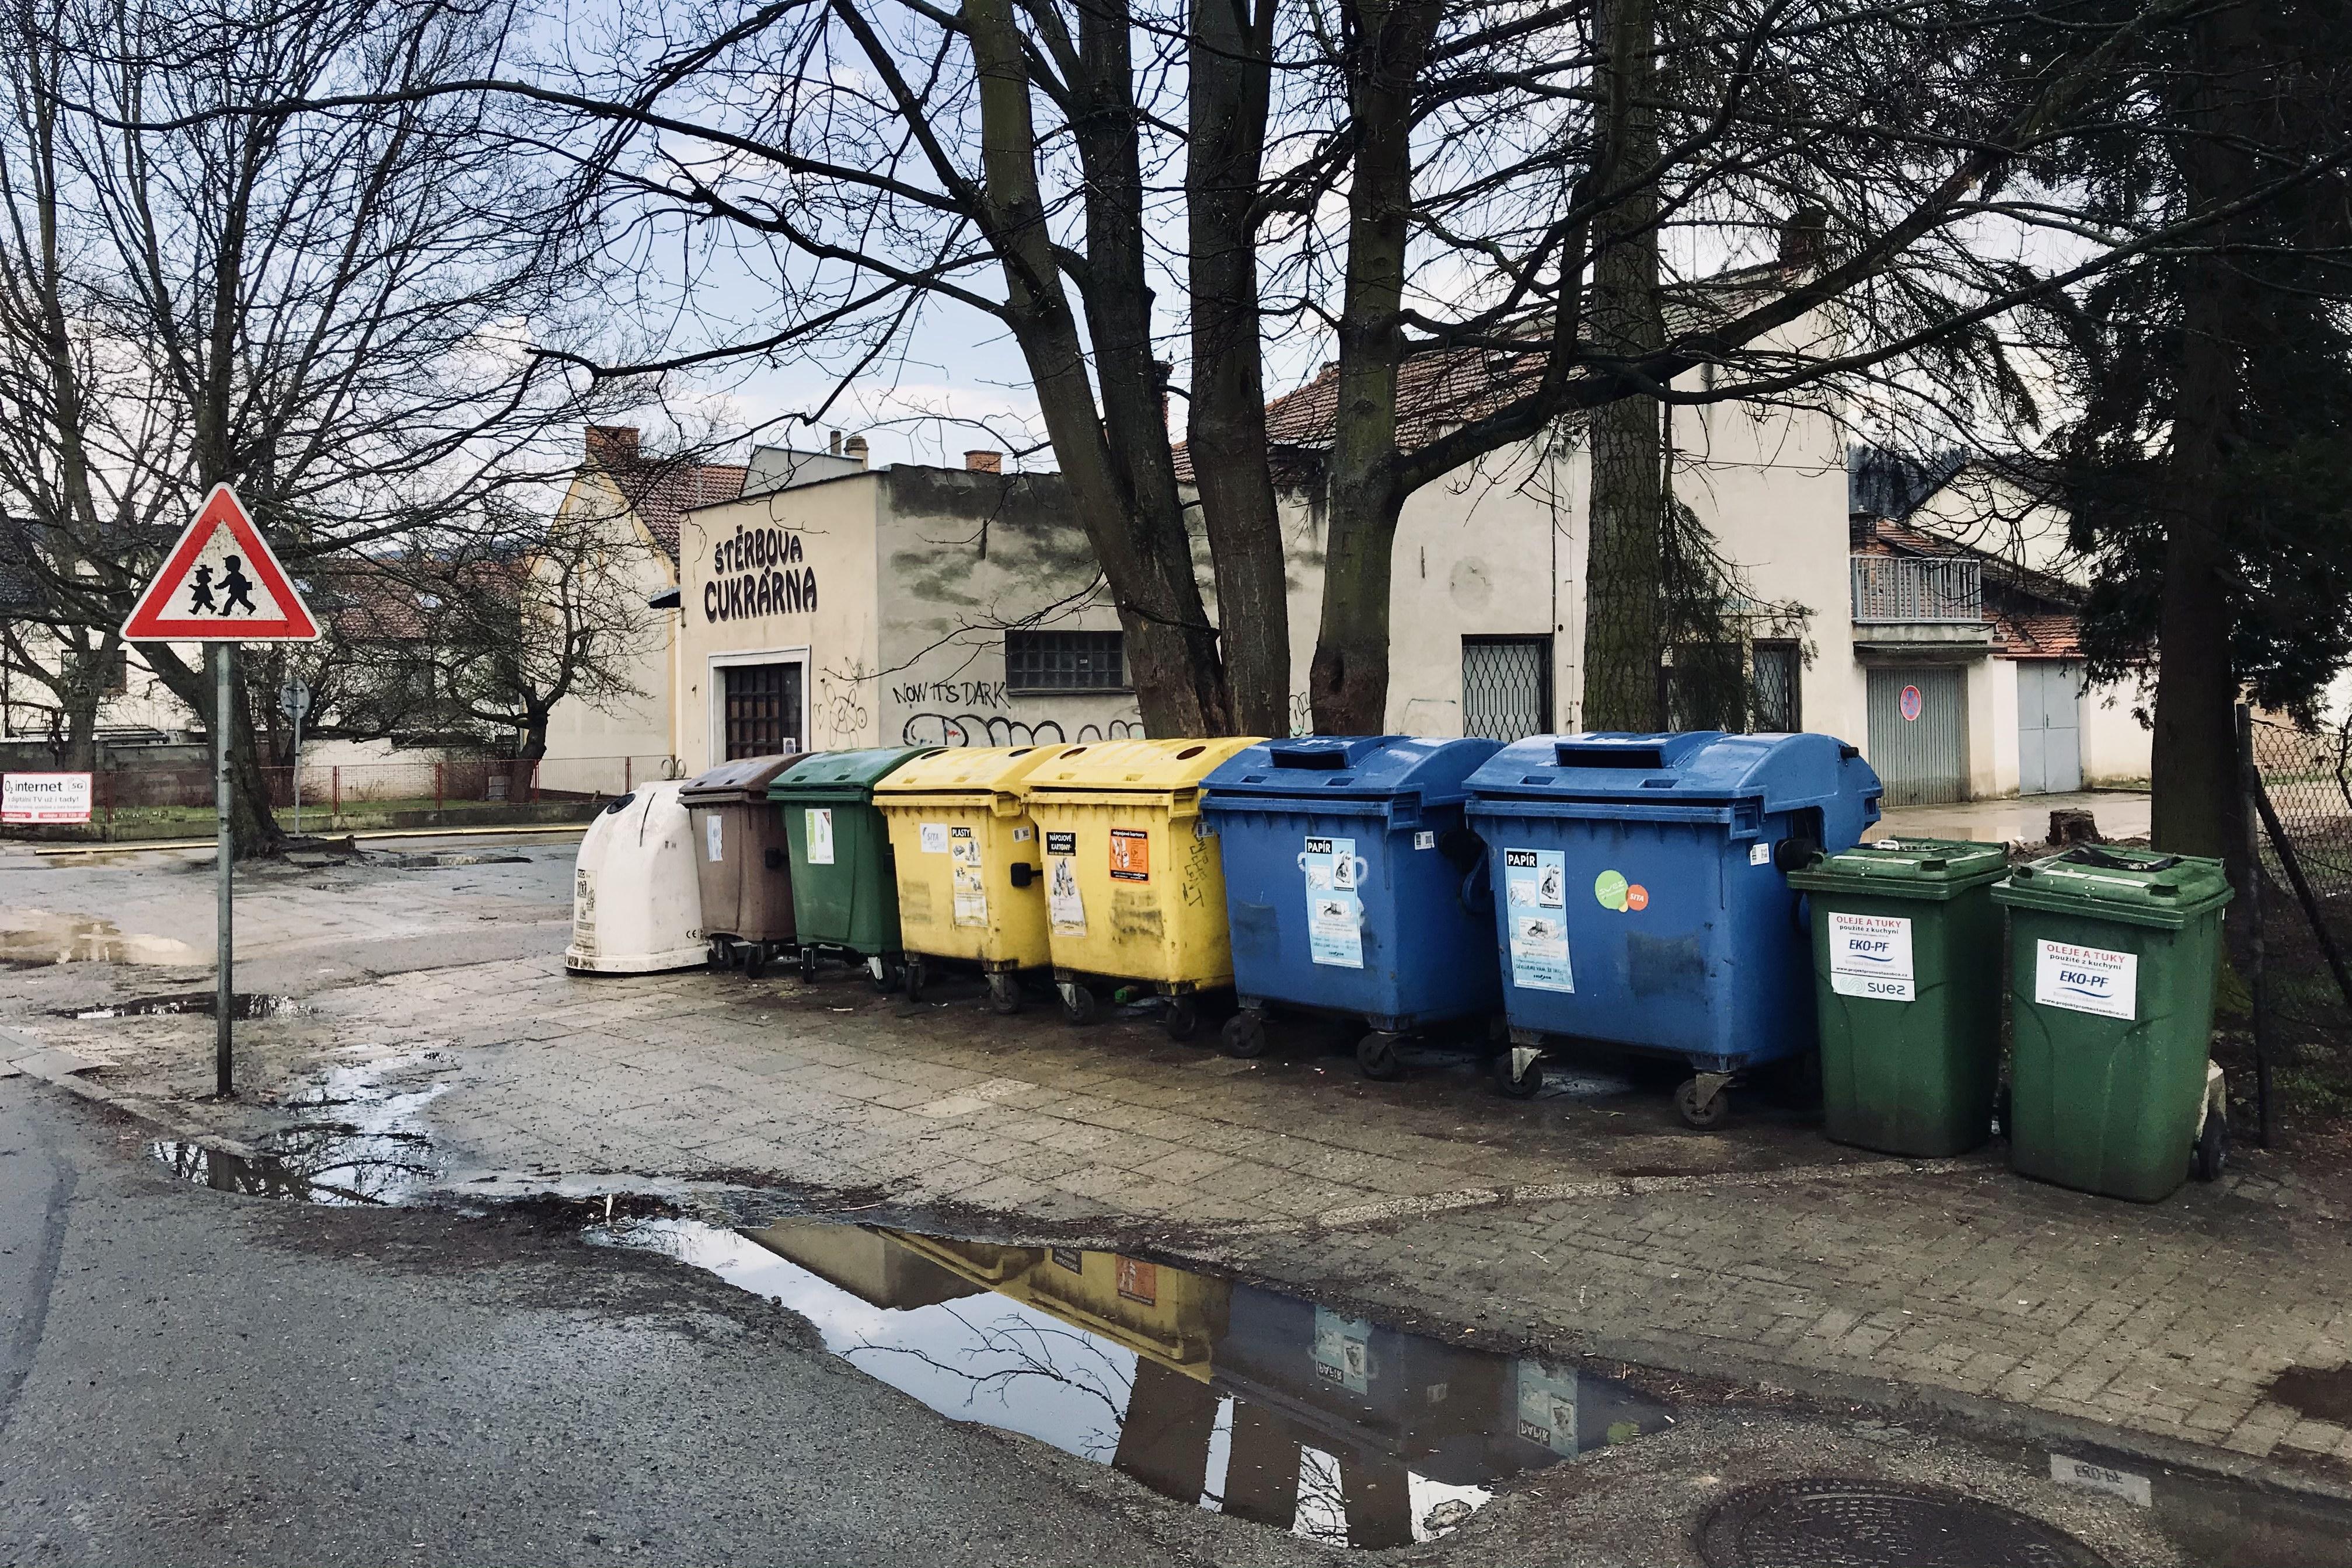 Nové separační stanoviště pro kontejnery na odpad postaví město na náměstí 9. května